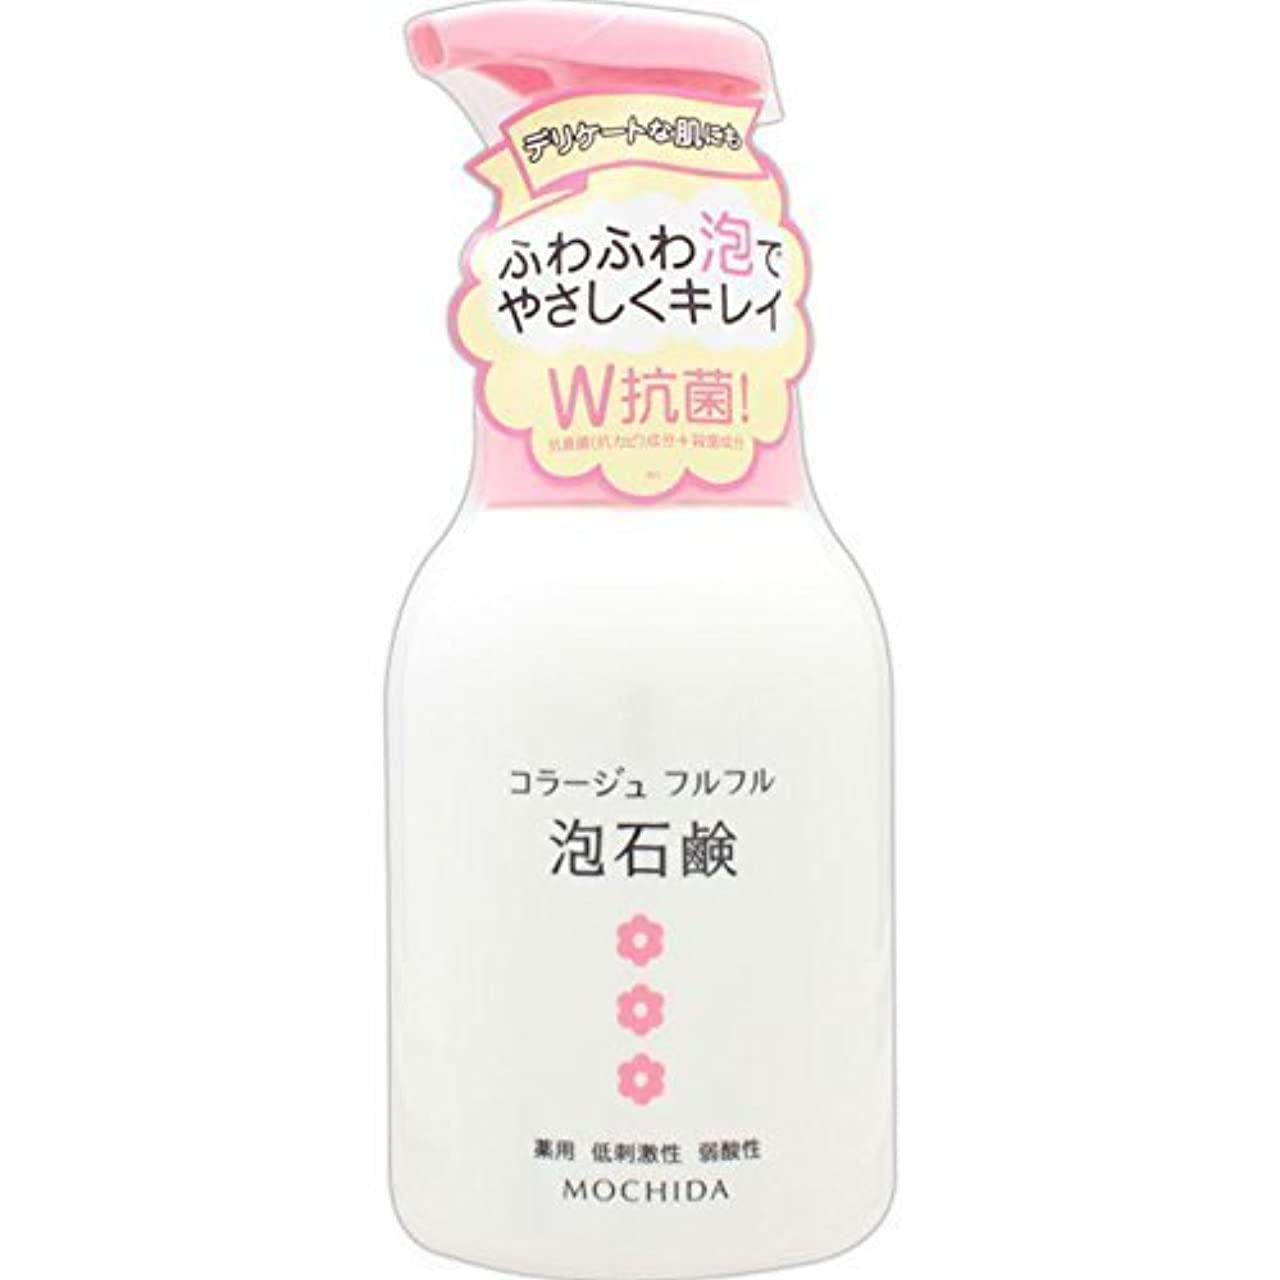 チェリー東ティモールスケートコラージュフルフル 泡石鹸 ピンク 300m L (医薬部外品) ×6